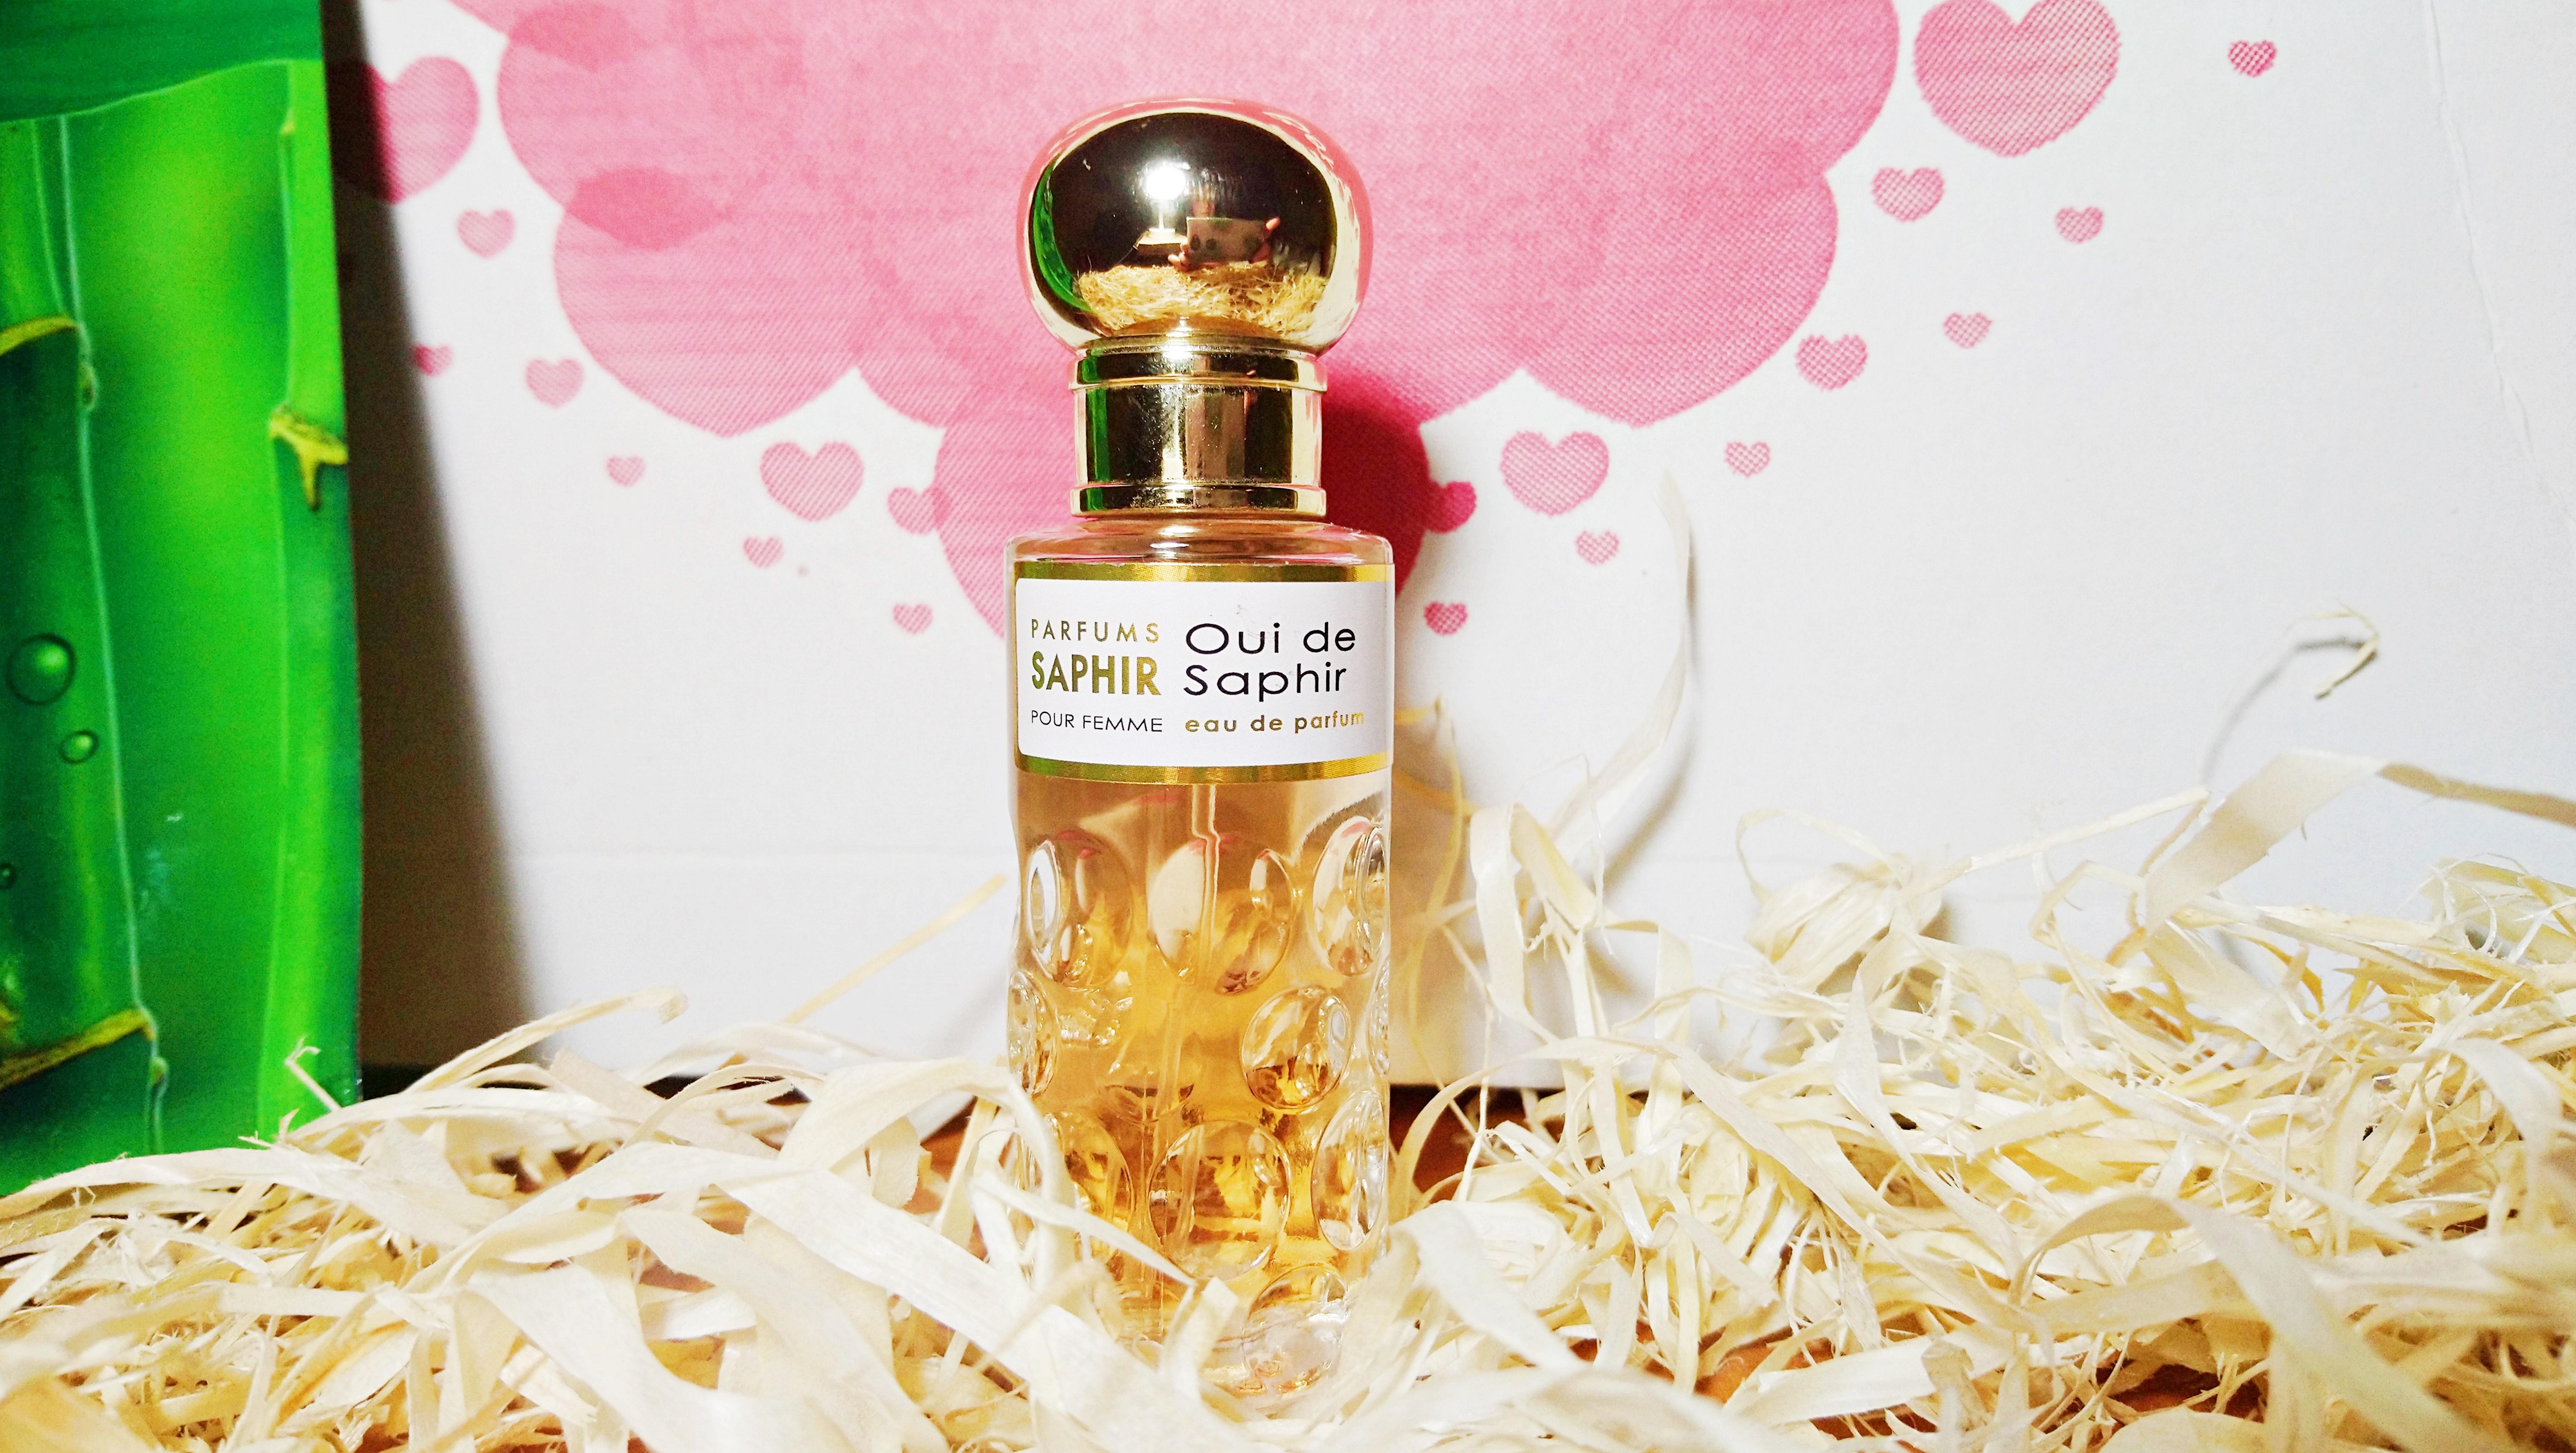 Parfums Saphir Pour Femme